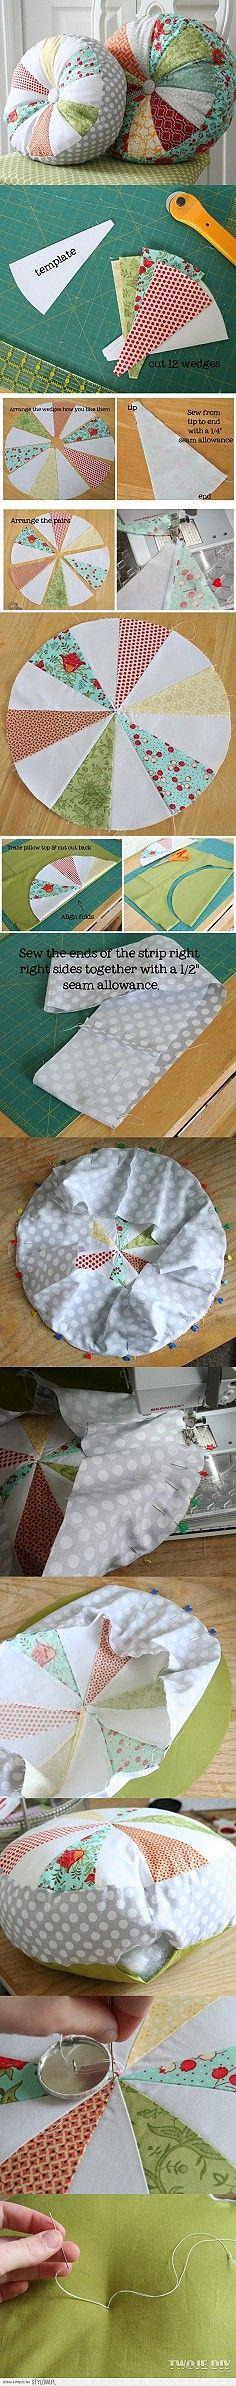 制作圆靠垫的详细教程。